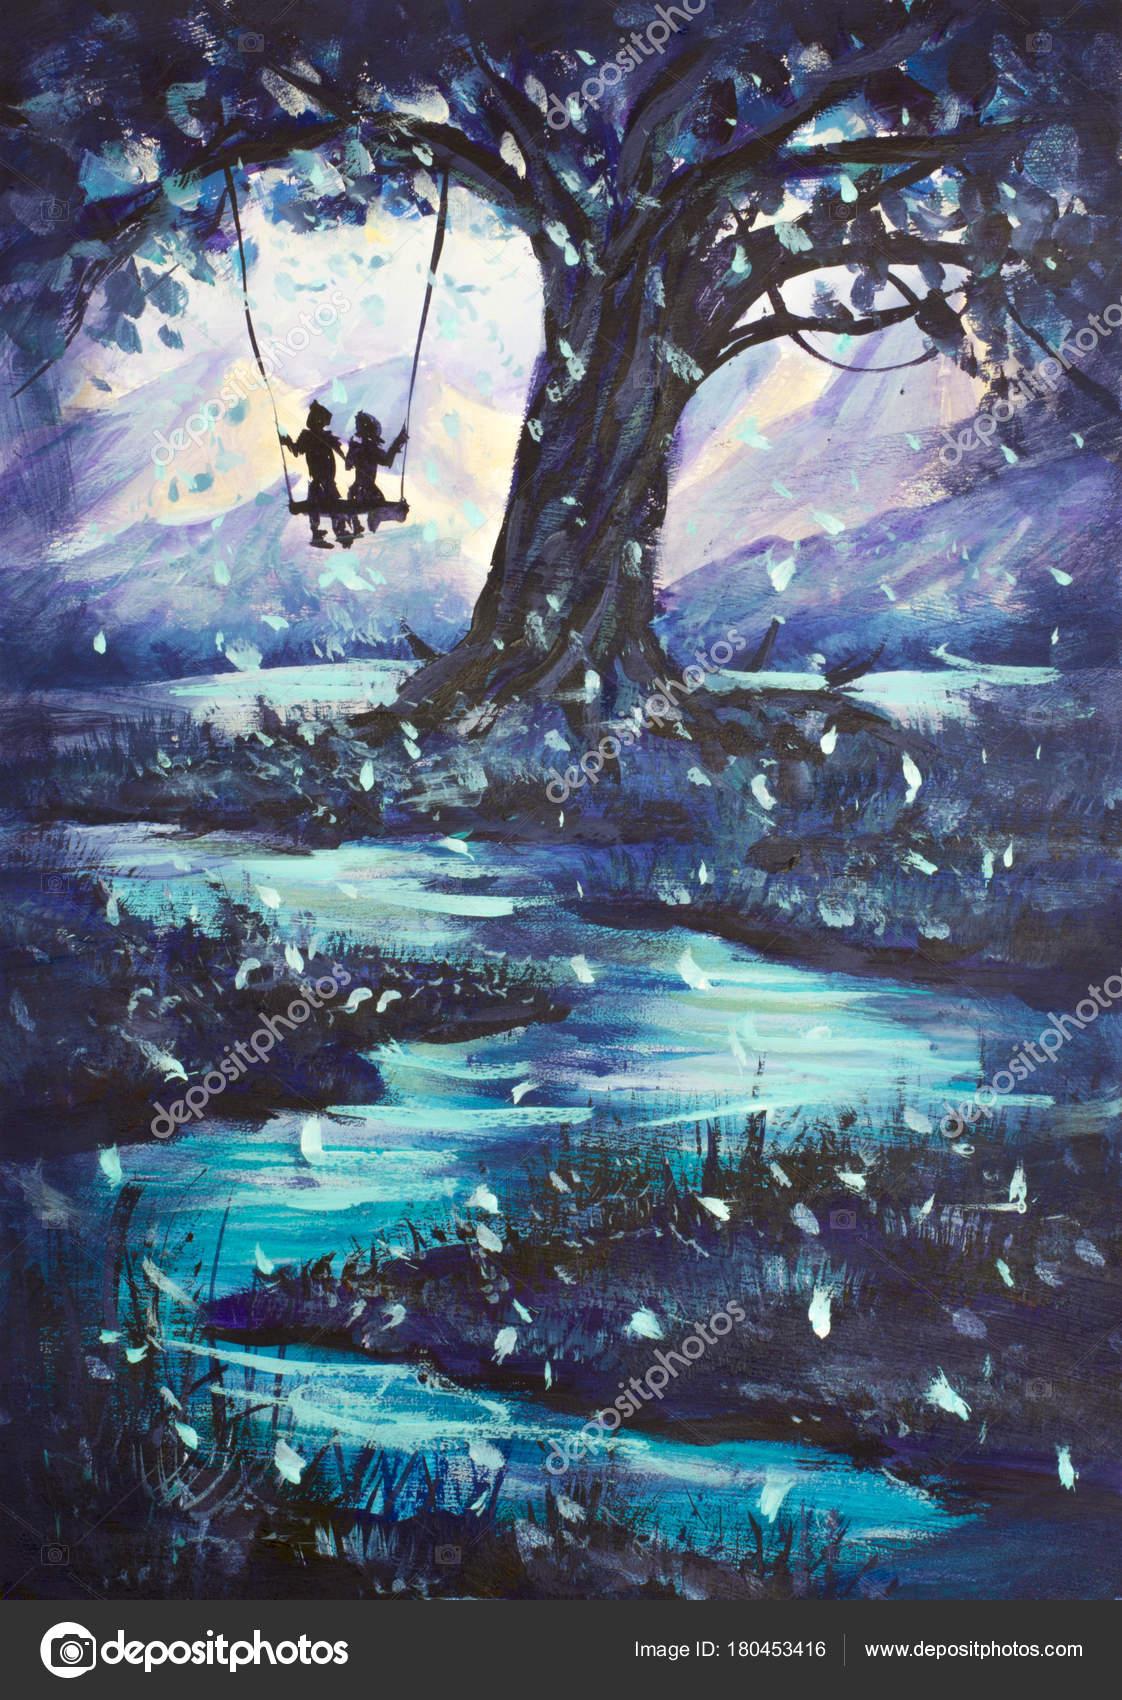 油絵の幻想的な風景 男と女は スイング 大きな木が暗い エメラルドの川